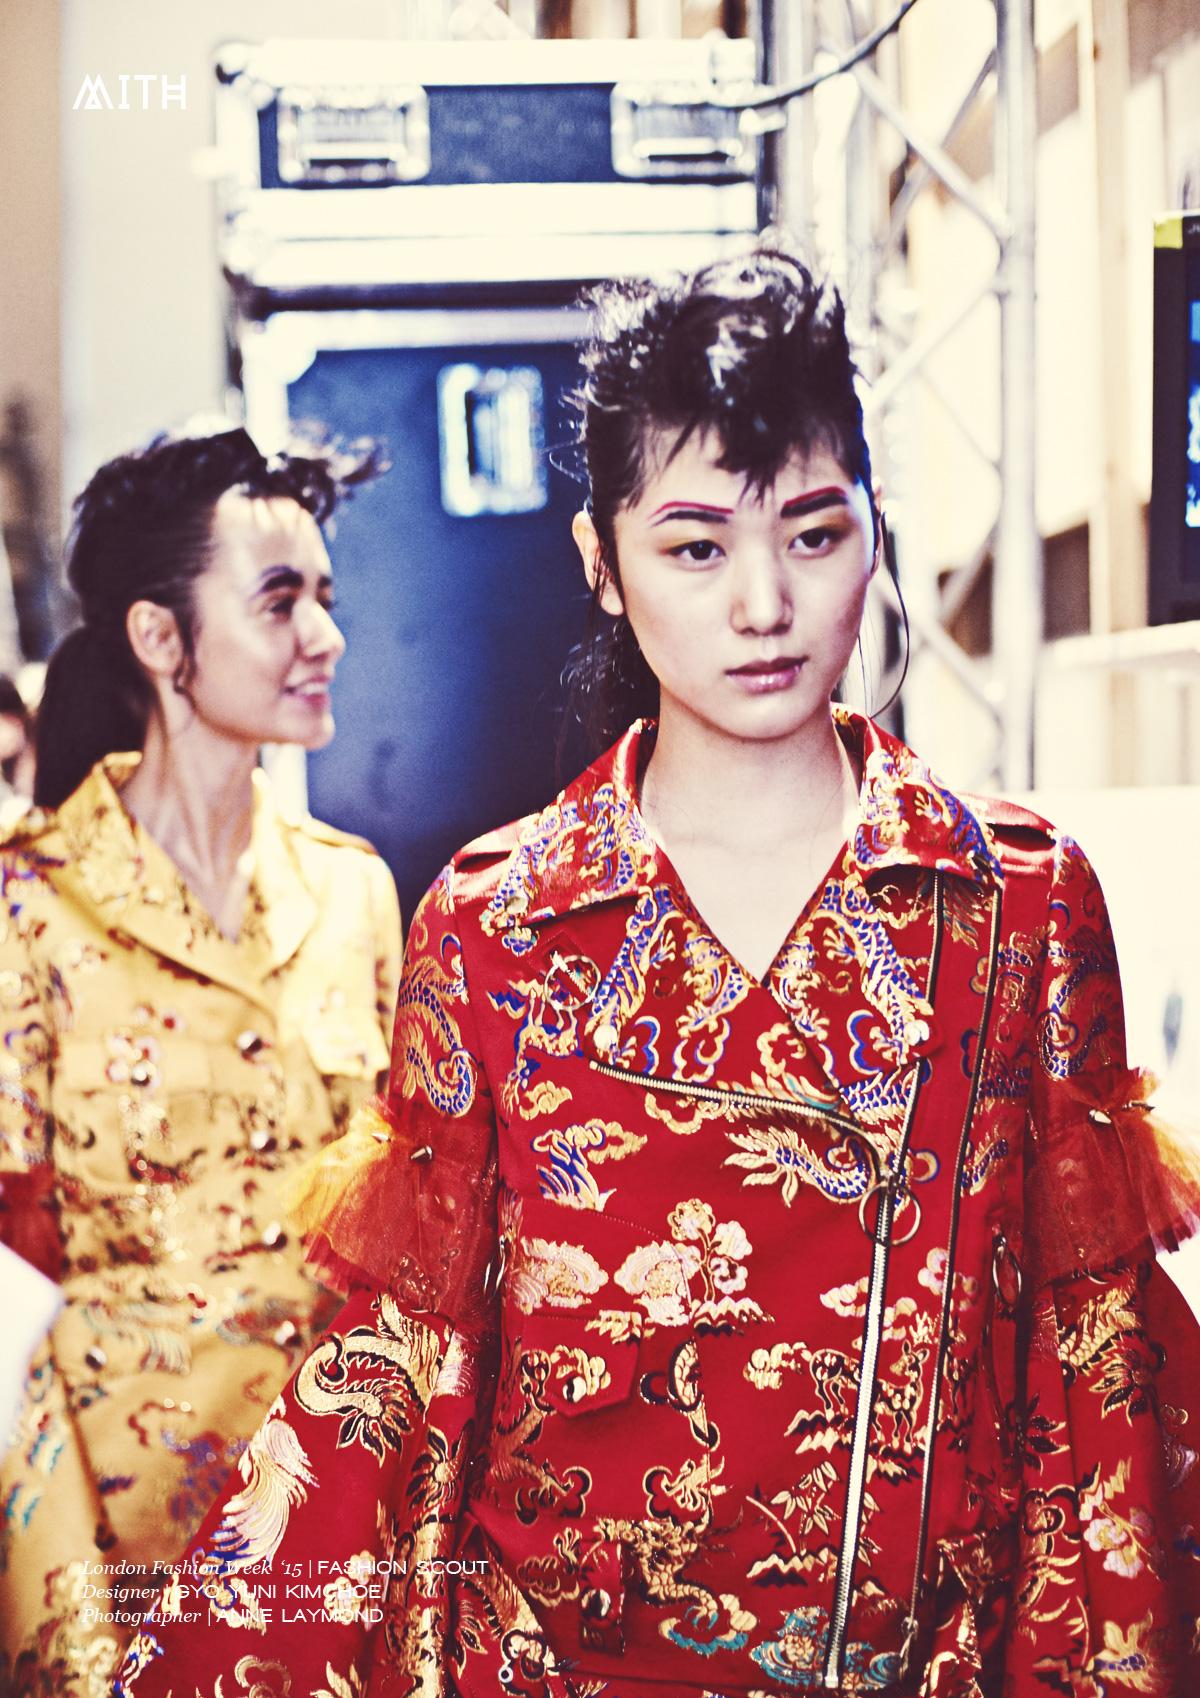 MITH_Gyo_YuniKimchoe_FashionScout_OTW_Anne_Laymond_C097180